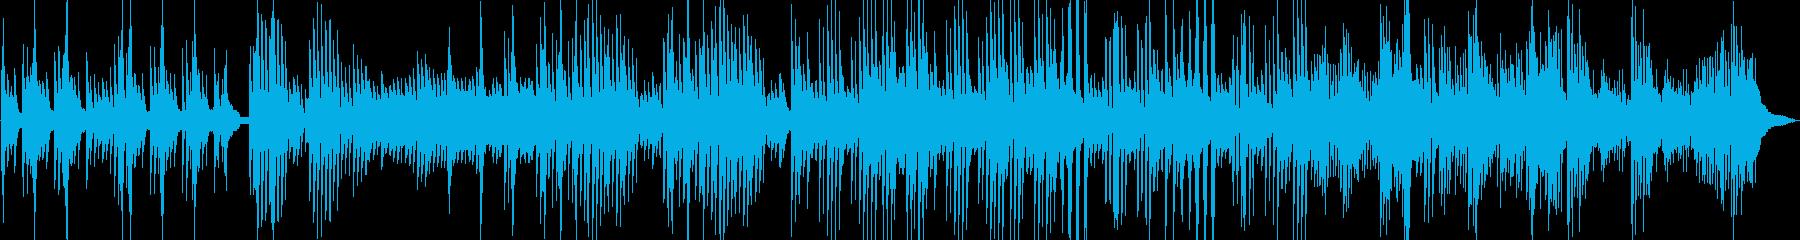 深海に降る雪 幻想的なピアノ曲の再生済みの波形